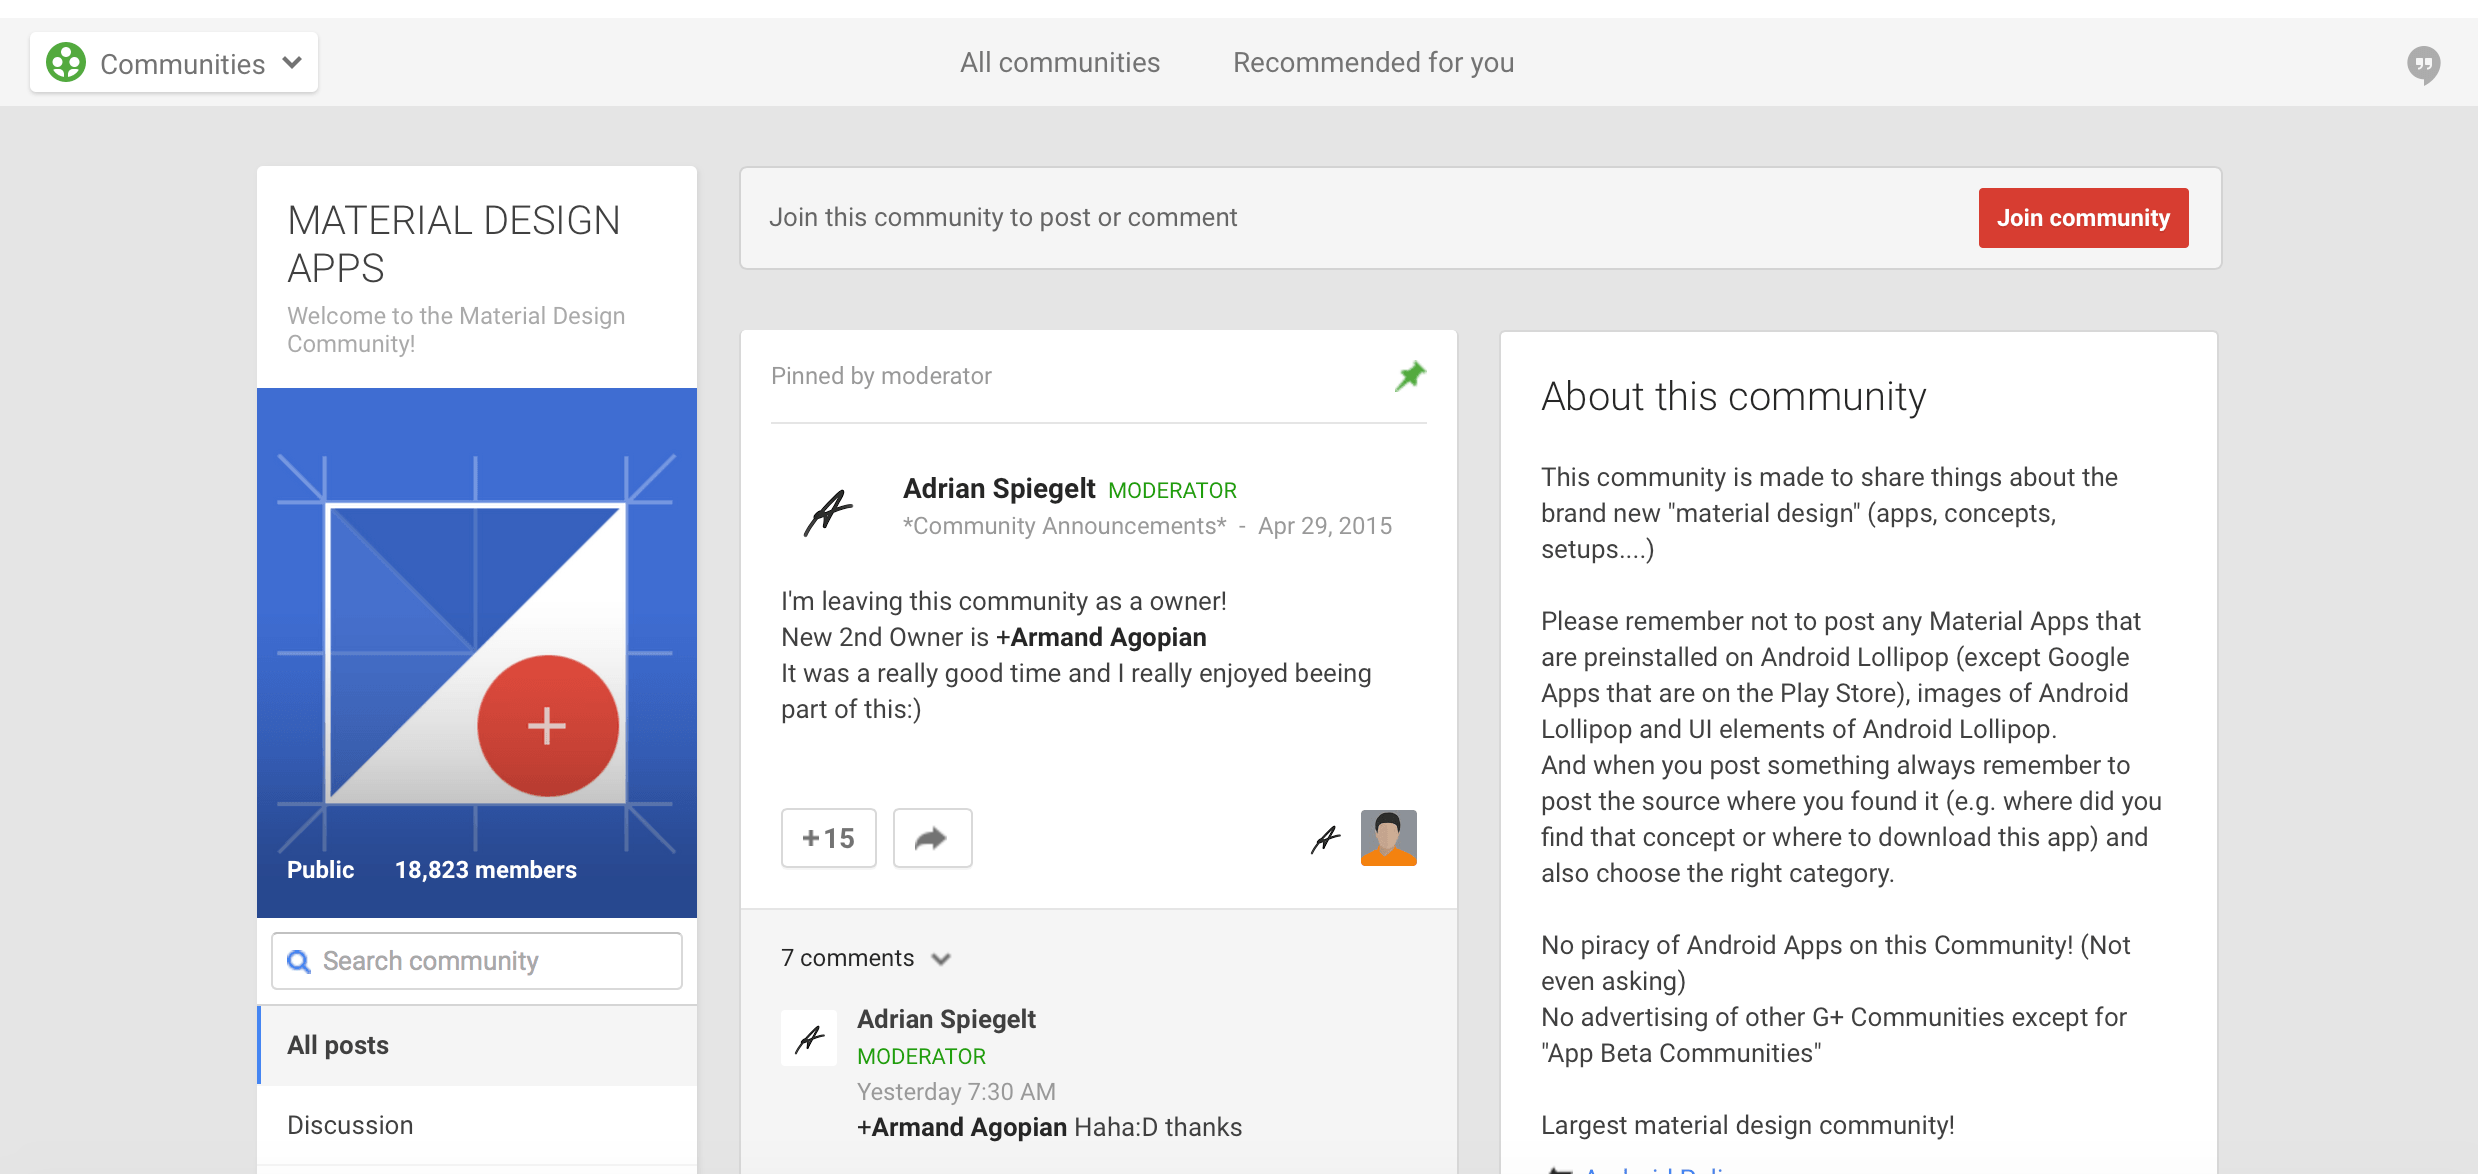 community-material-design